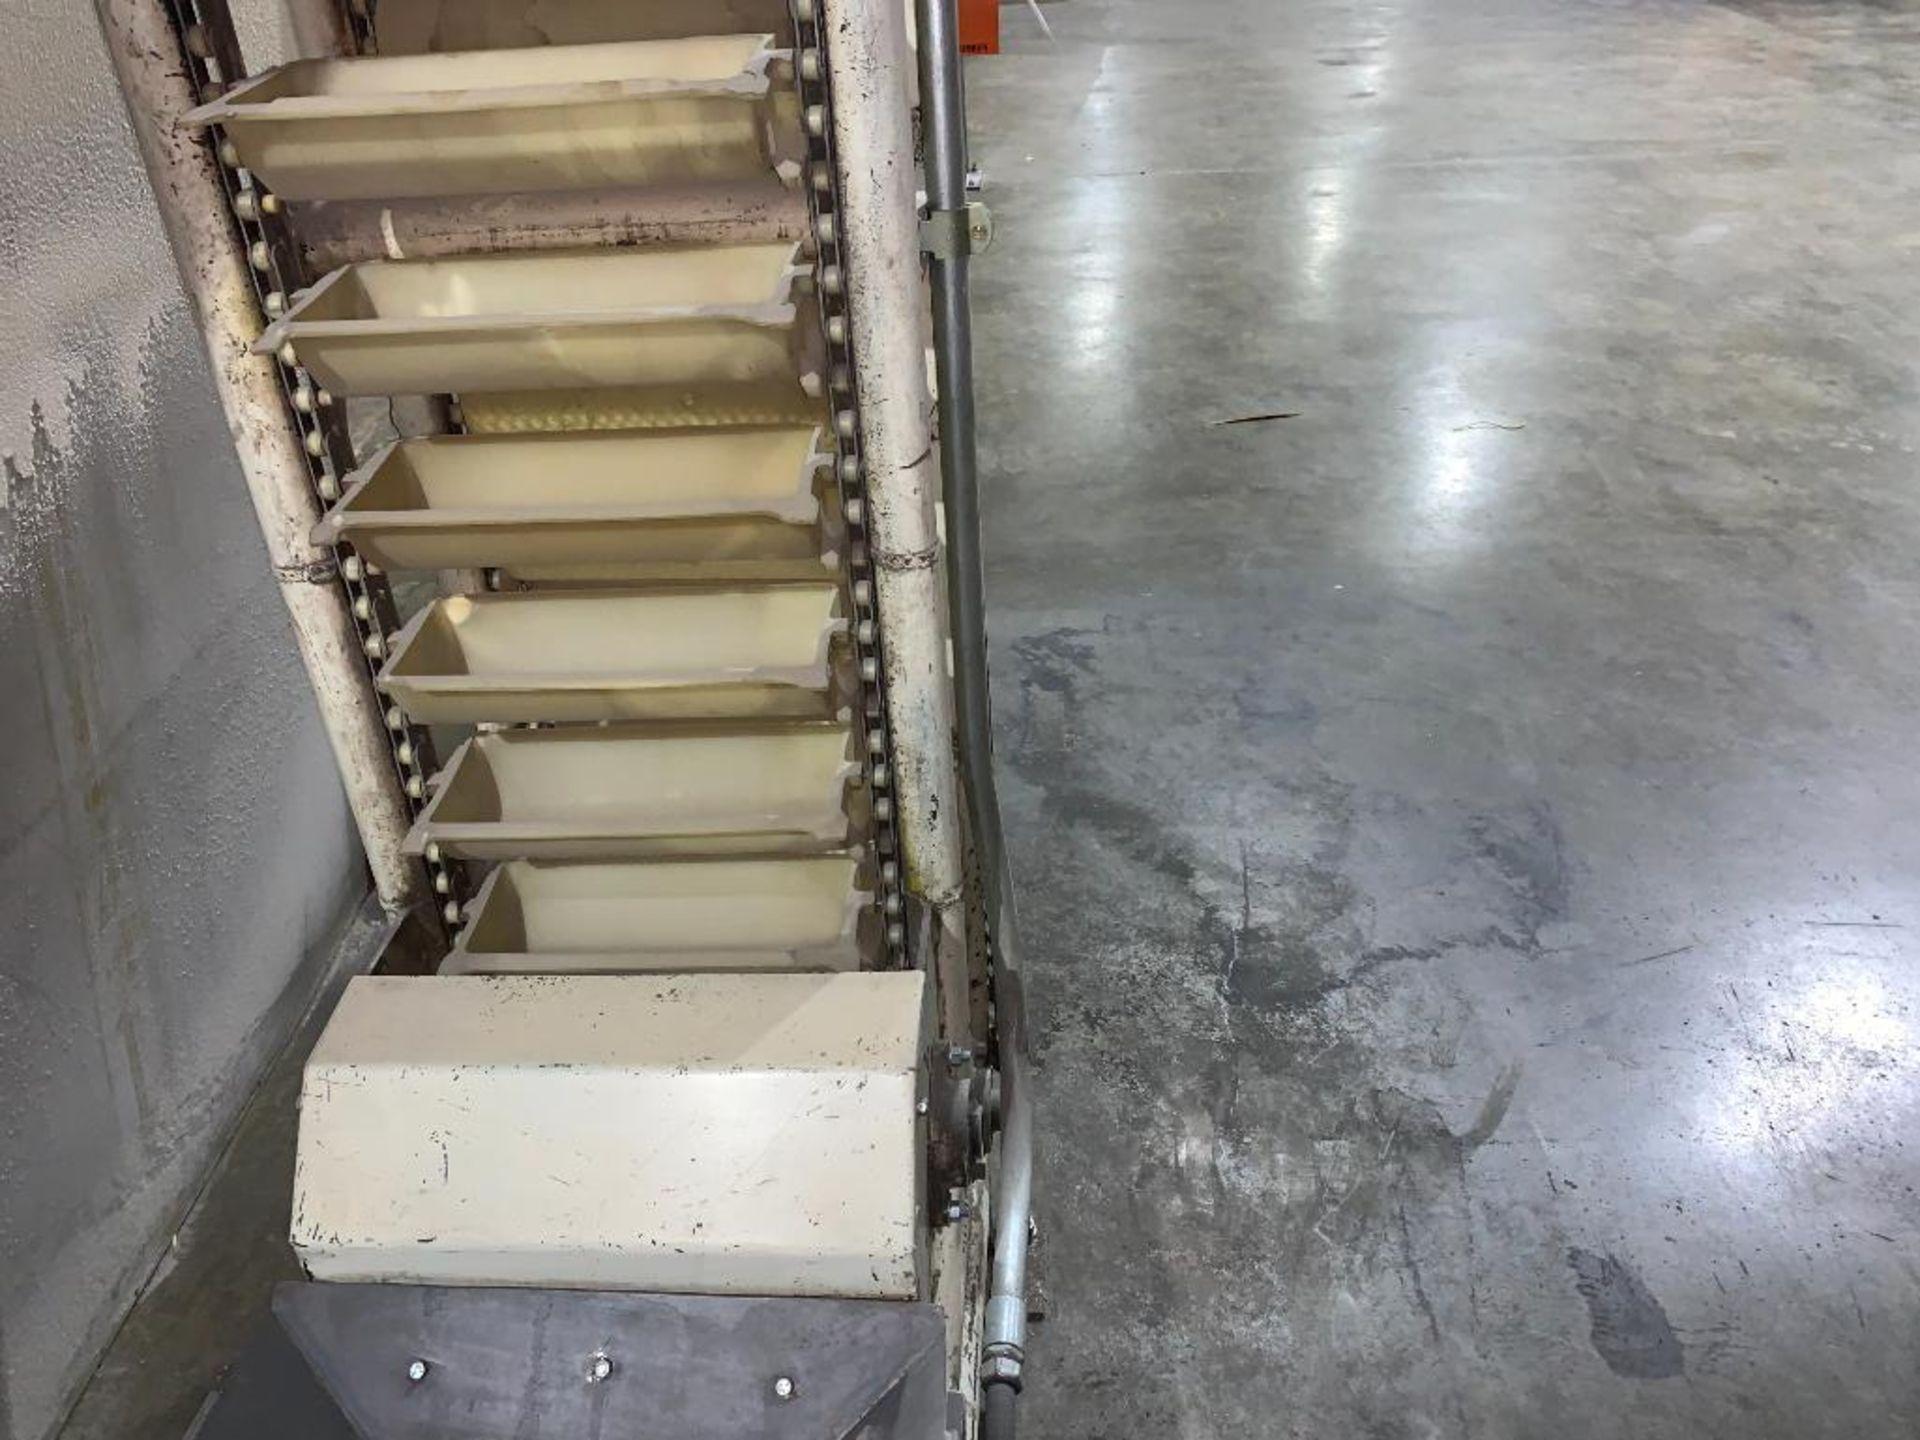 Aseeco overlapping bucket elevator - Image 3 of 11